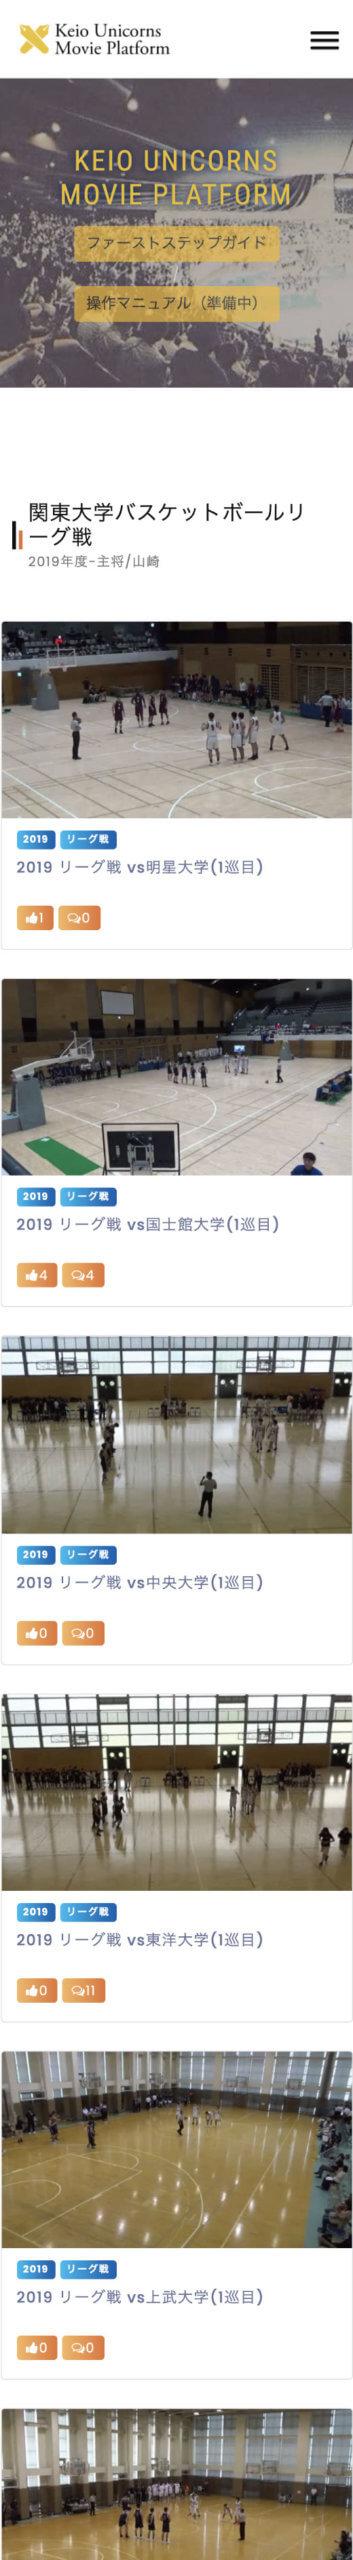 慶應ムービープラットフォーム、スマホ版